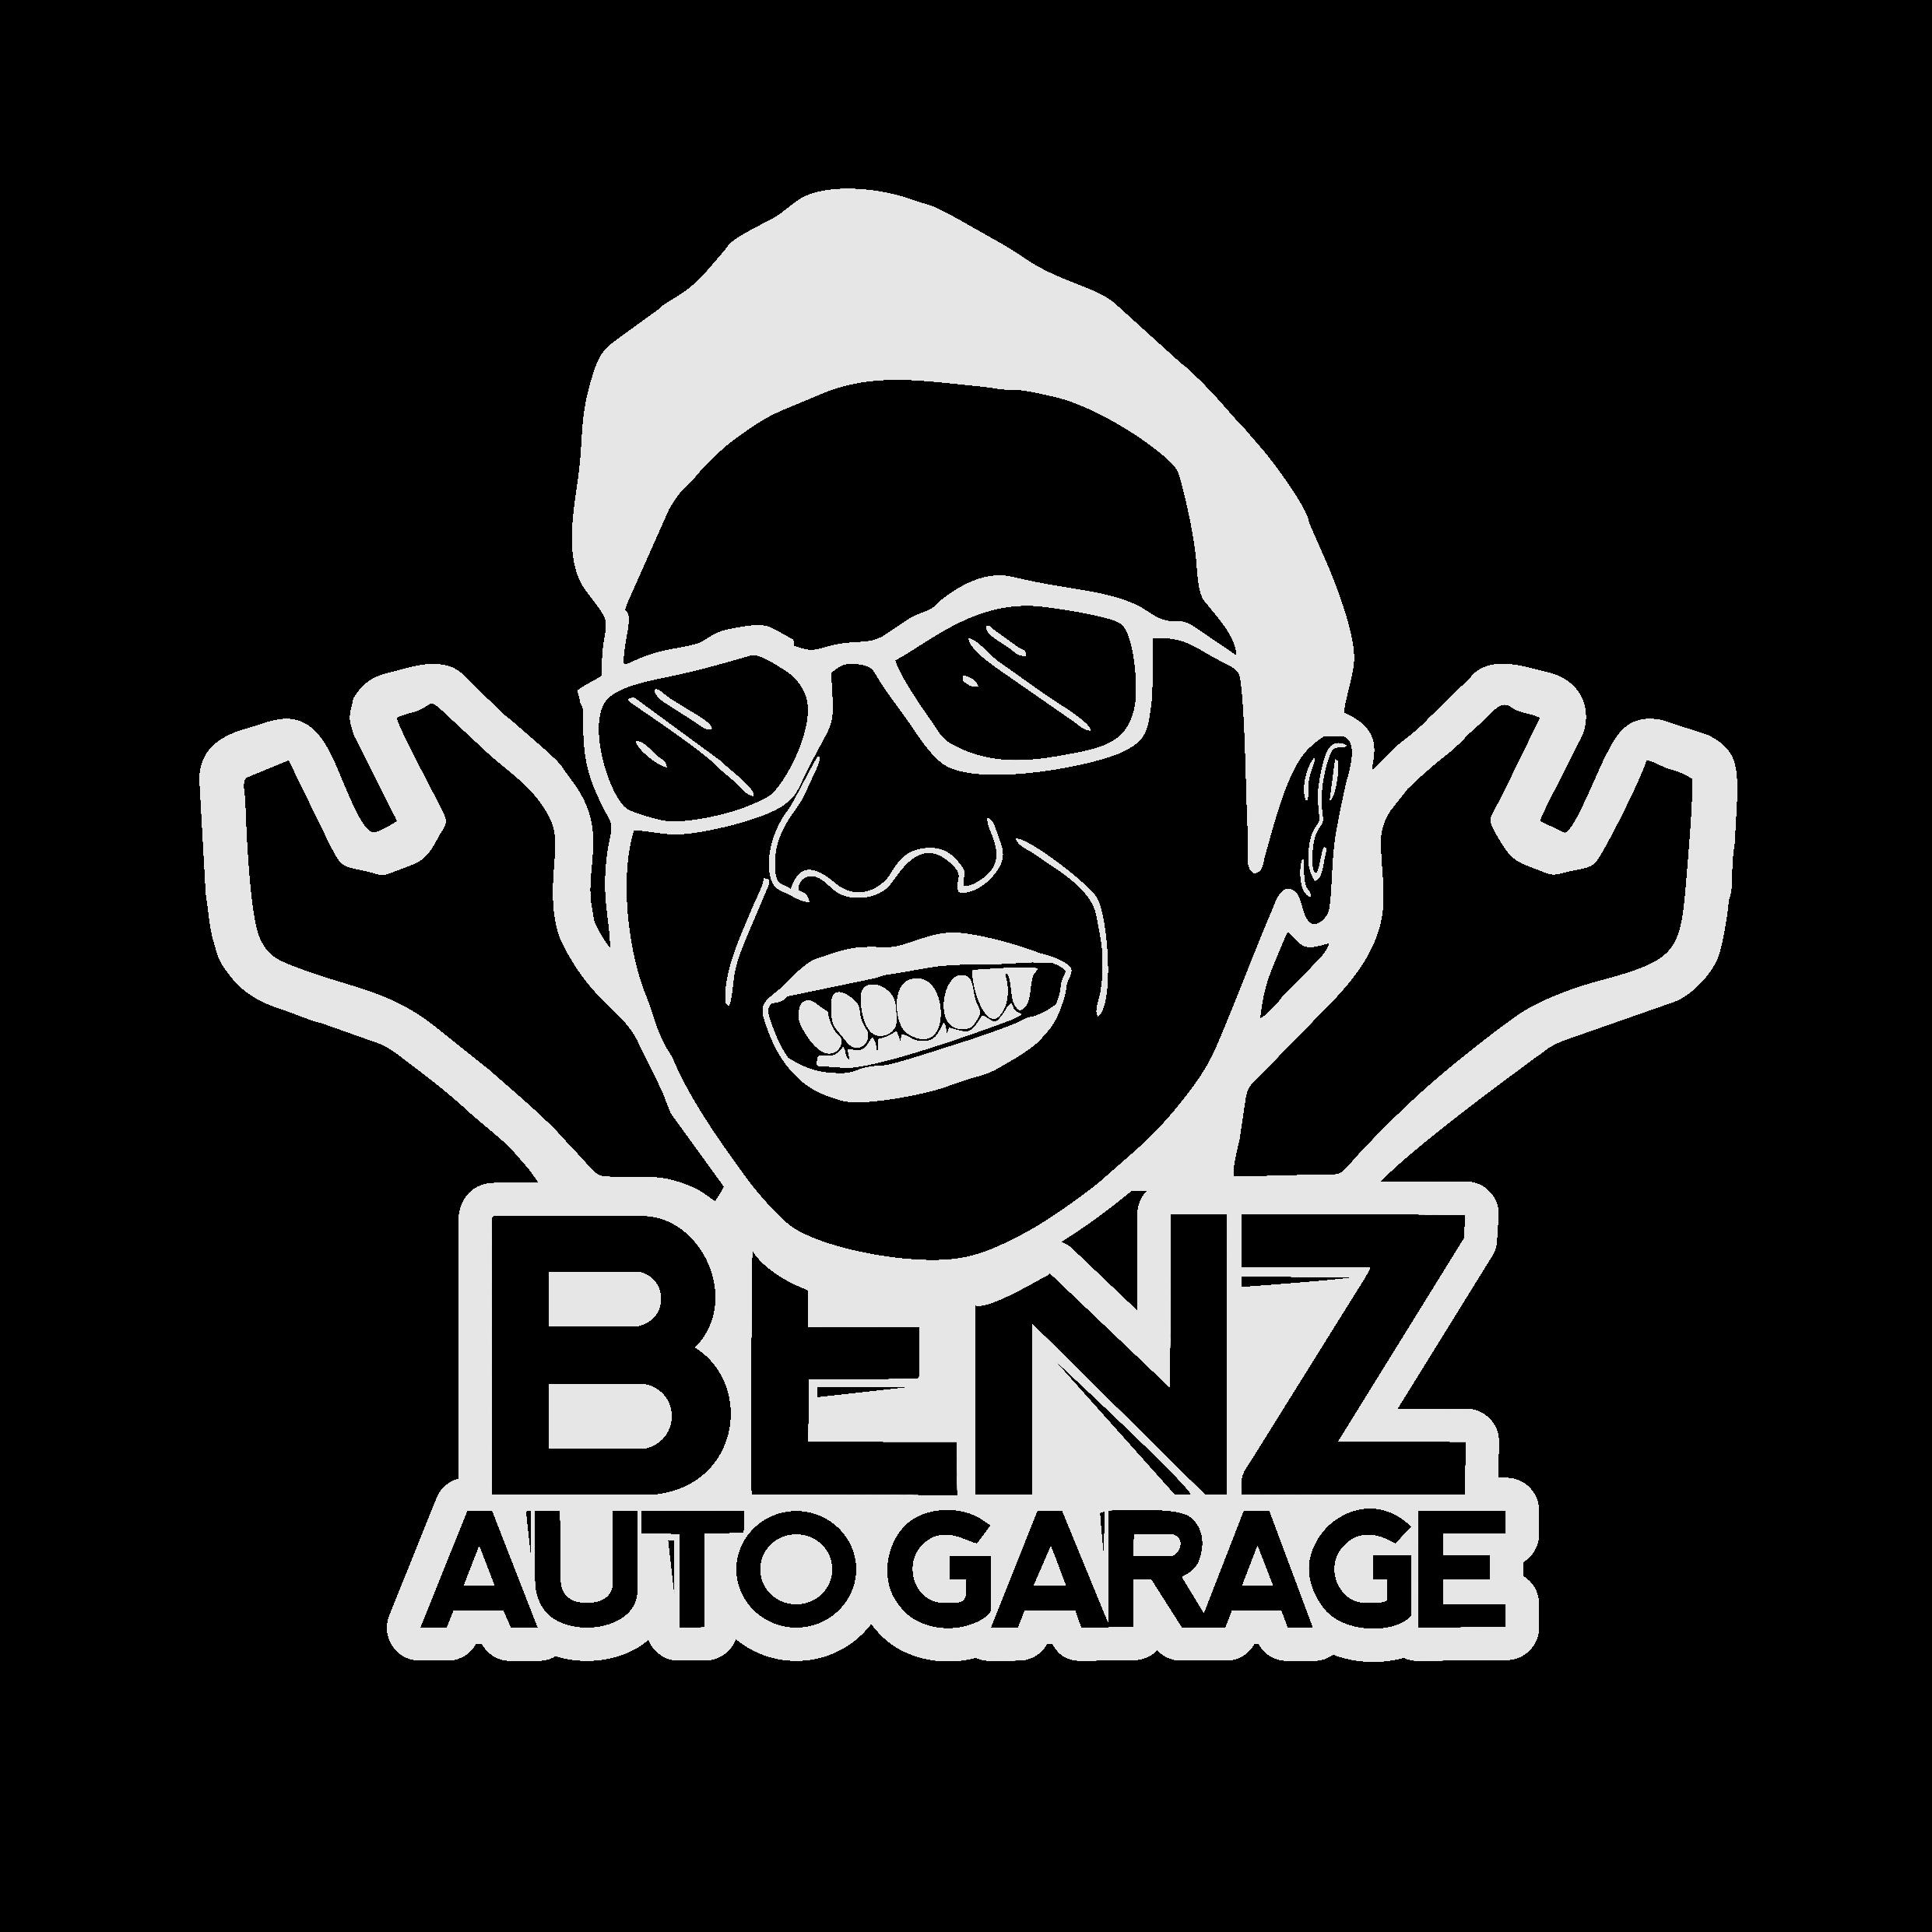 BenzAuto Garage